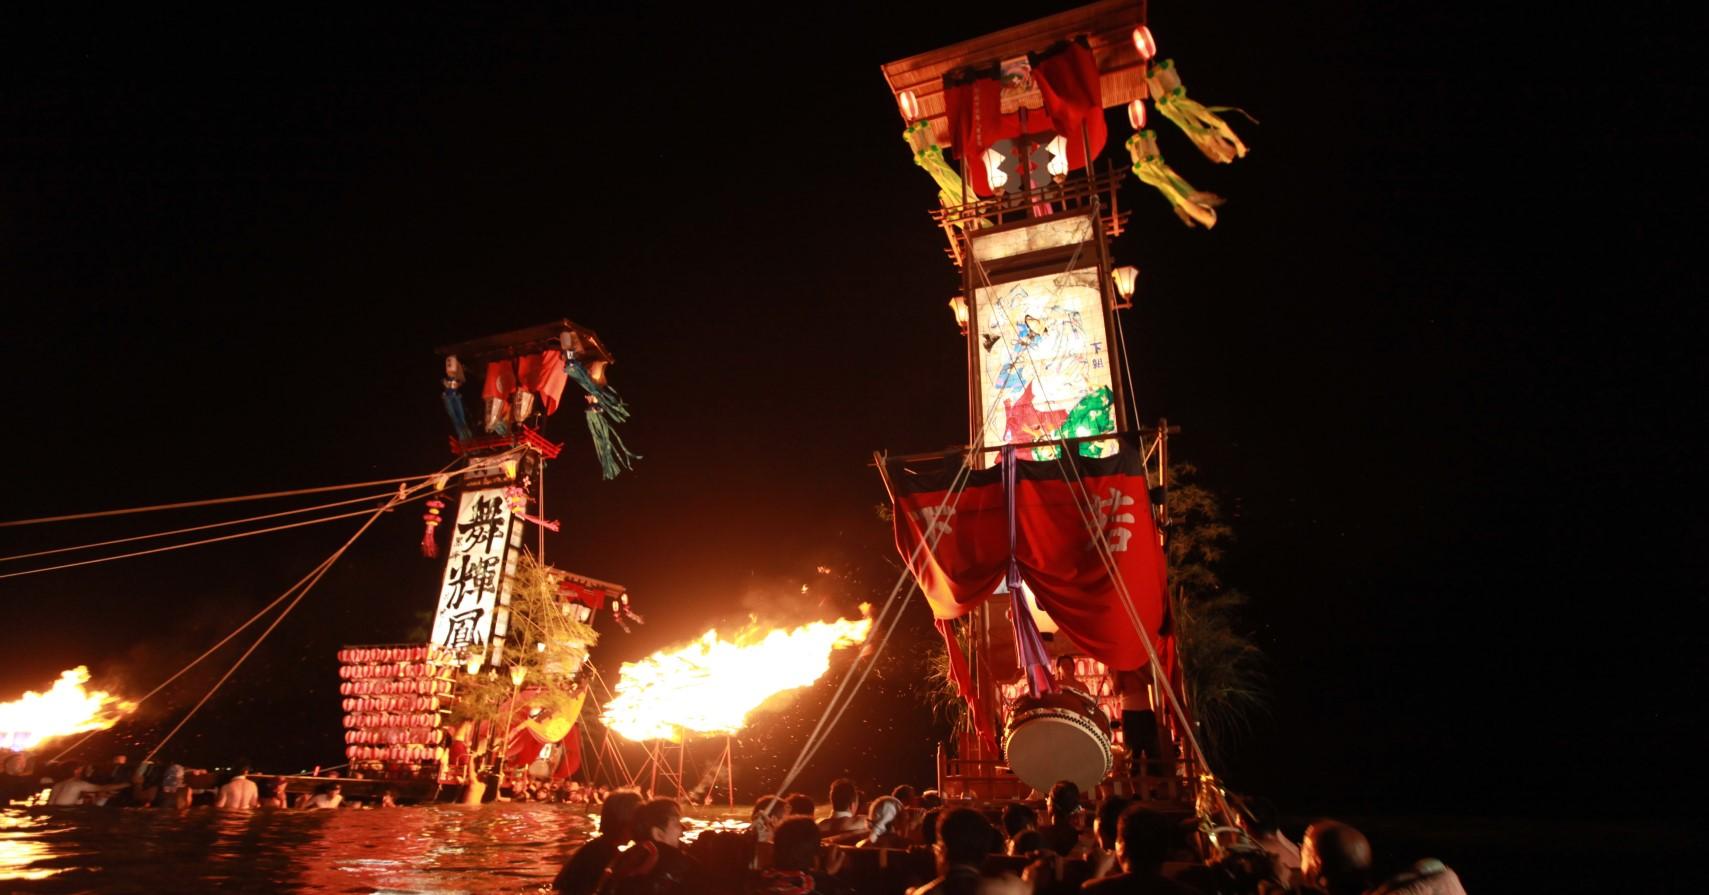 古くから伝わる文化のキリコ祭り。